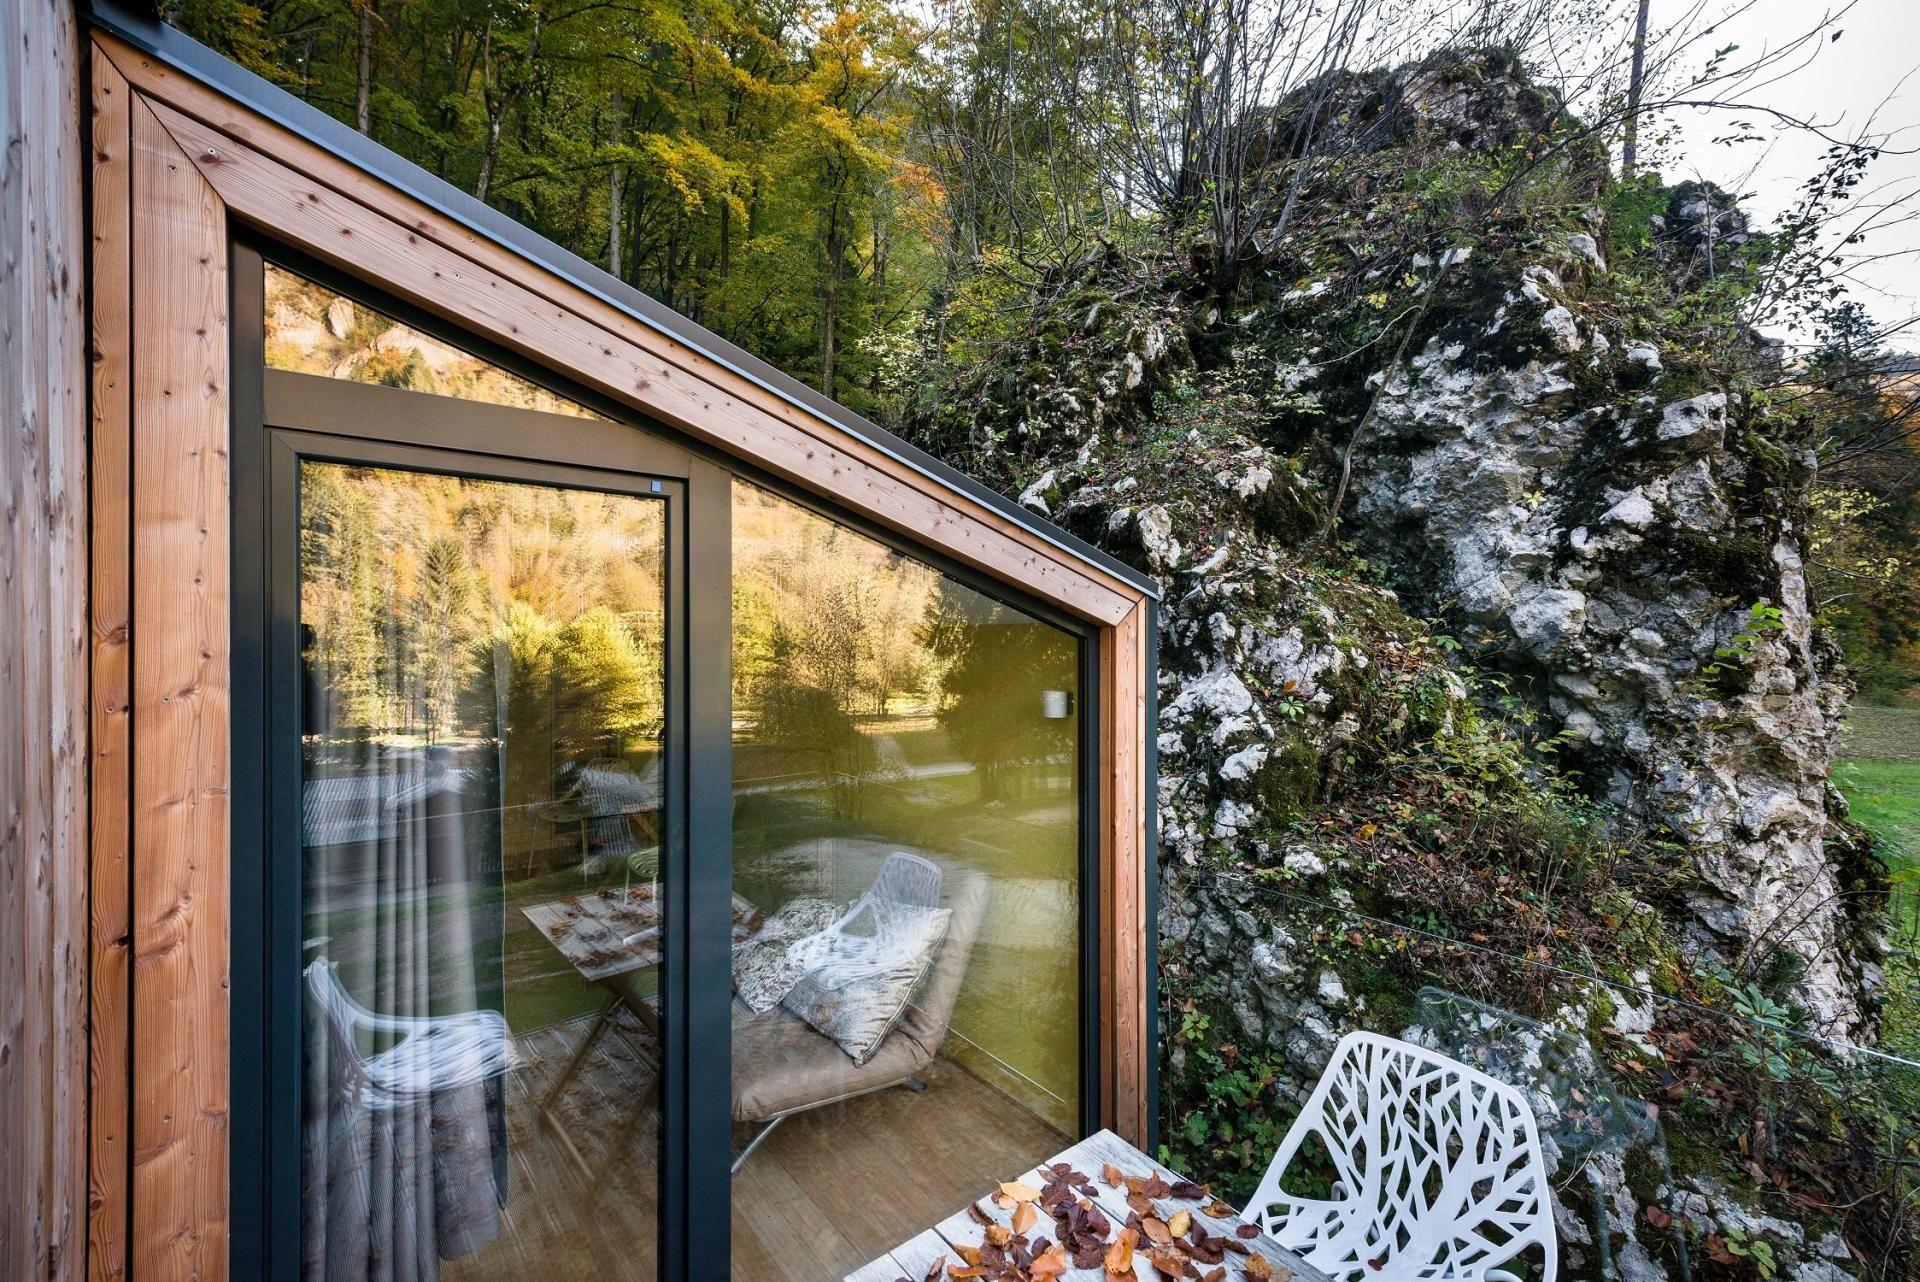 Une maison préfabriquée écologique en bois